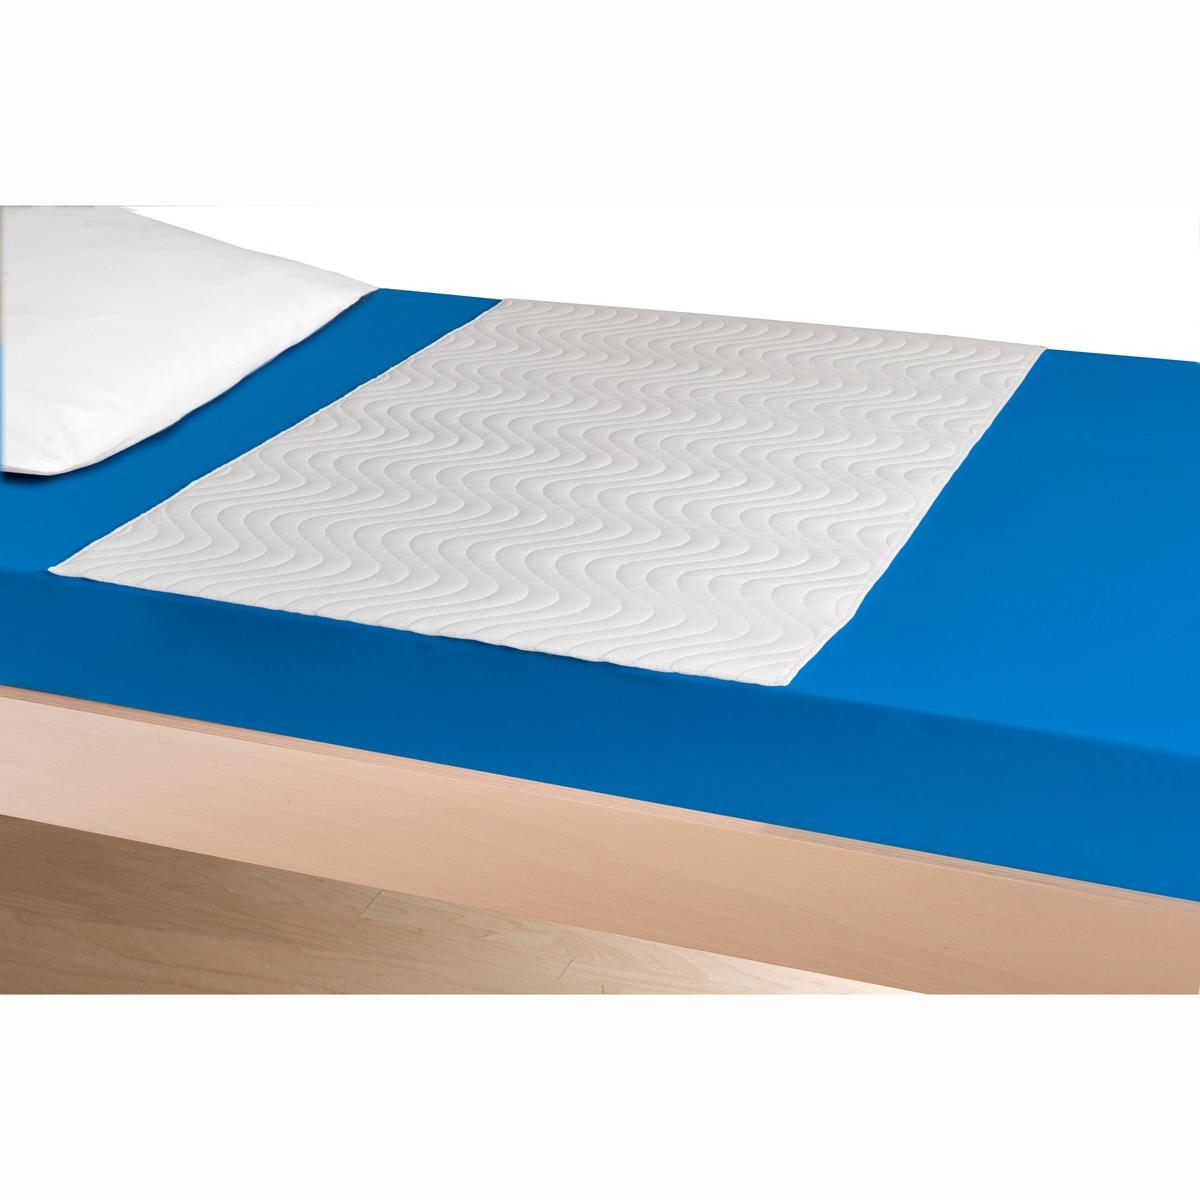 Защитный чехол для матраса, непромокаемый, дышащий и впитывающийНепромокаемый, дышащий и впитывающий защитный чехол для матраса  Absoplus защищает постельное бельё Вашего малыша от ночных и прочих мелких неожиданностей, гарантируя при этом максимальную защиту, высокое качество и уровень комфорта.  Описание защитного чехла для матраса Absoplus  :- Форма пелёнки.- Непромокающий, ультра-дышащий и впитывающий.- Для младенцев и малышей.- Высокая впитываемость (до 2 л/м?).- Дышащая поверхность для комфорта Вашего малыша.- Высокая износоустойчивость (выдерживает более 100 стирок при 60°).Характеристики защитного чехла для матраса Absoplus  :Защитный чехол в форме пелёнки, 5 видов ткани:                                  Очень мягкий бархат 100%  полиэстер с верхней внешней стороны .                 Объёмная подкладка 100% полиэстер.                 100% нетканый впитывающий полиэстер.                 100% полиуретан с непромокаемой мембраной.                 Бархат 100% полиэстер, противоскользящее покрытие со стороны матраса.- Общий вес: 515 г/м?.- Форма пелёнки, без клапана.- Стирка до 95°C. Найдите больше товаров для комфортного сна на сайте laredoute.ru<br><br>Цвет: белый